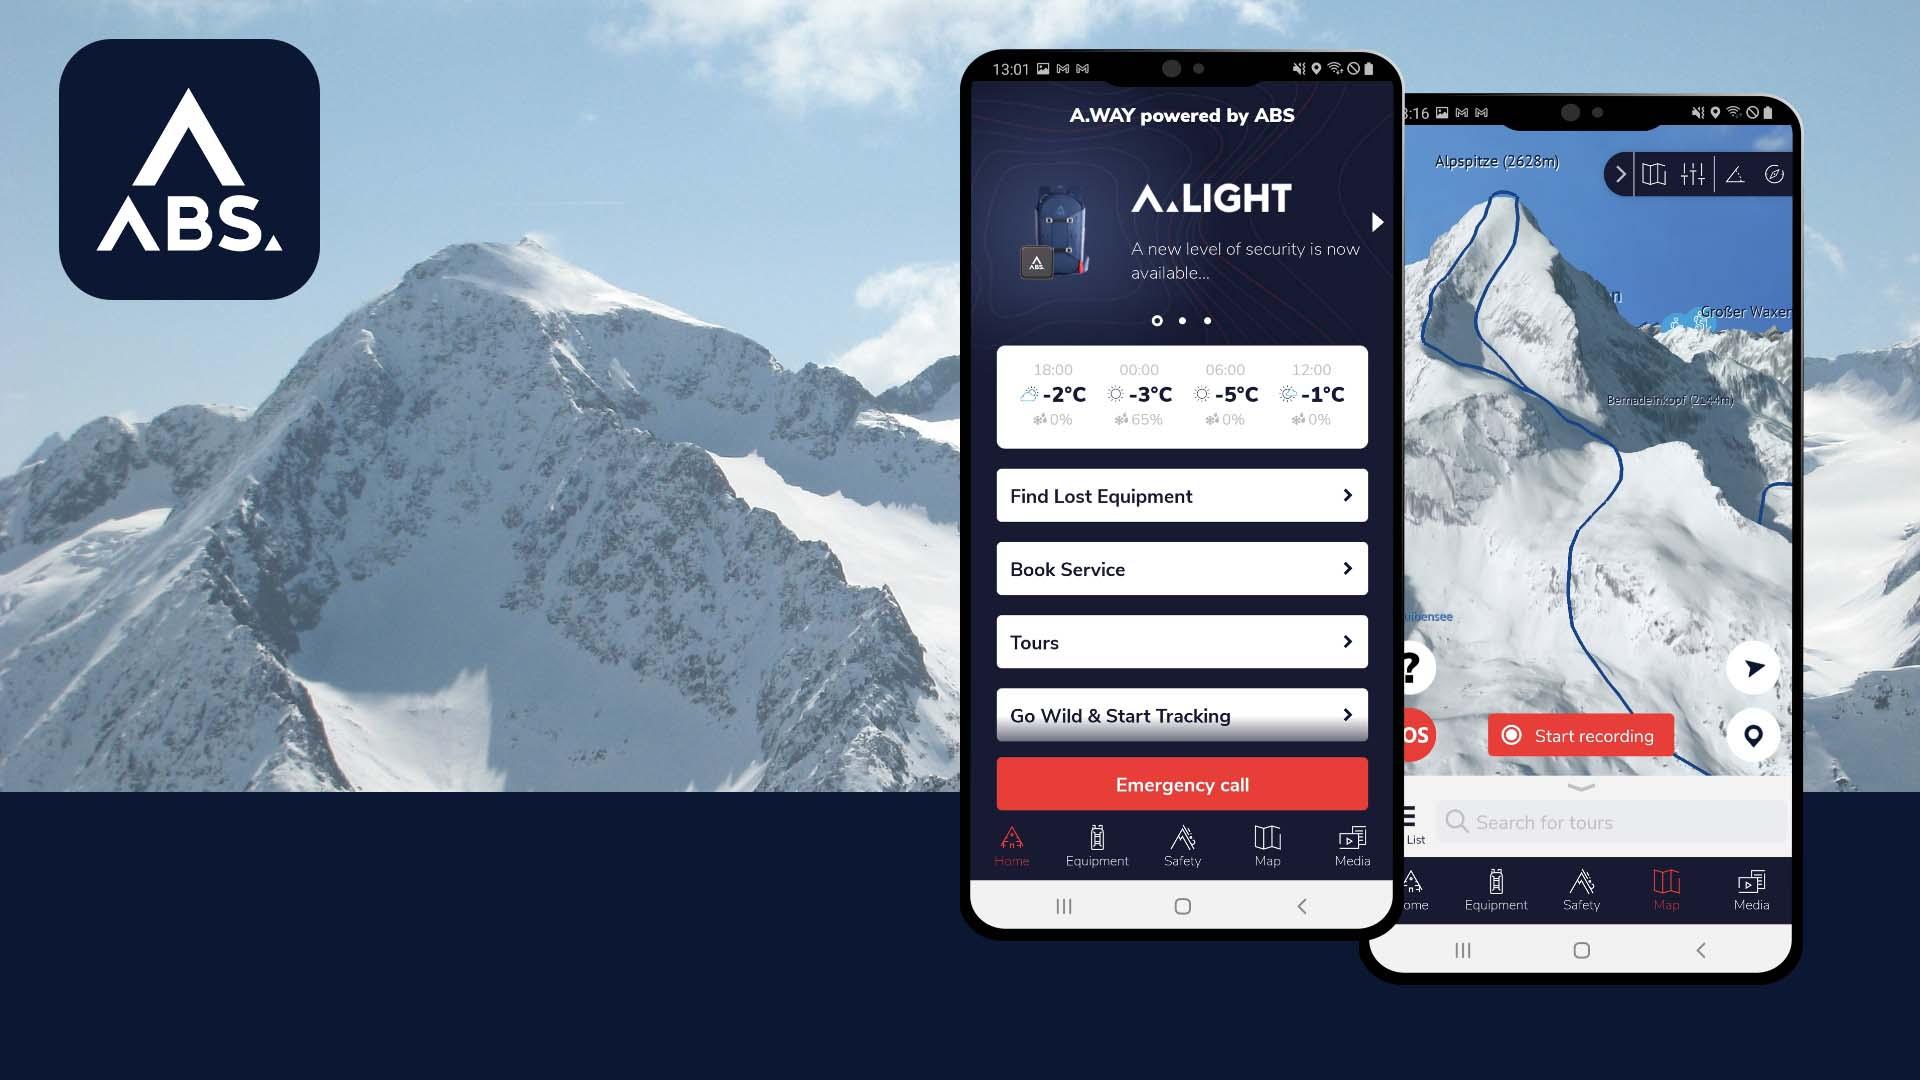 Neue App ABS A.WAY